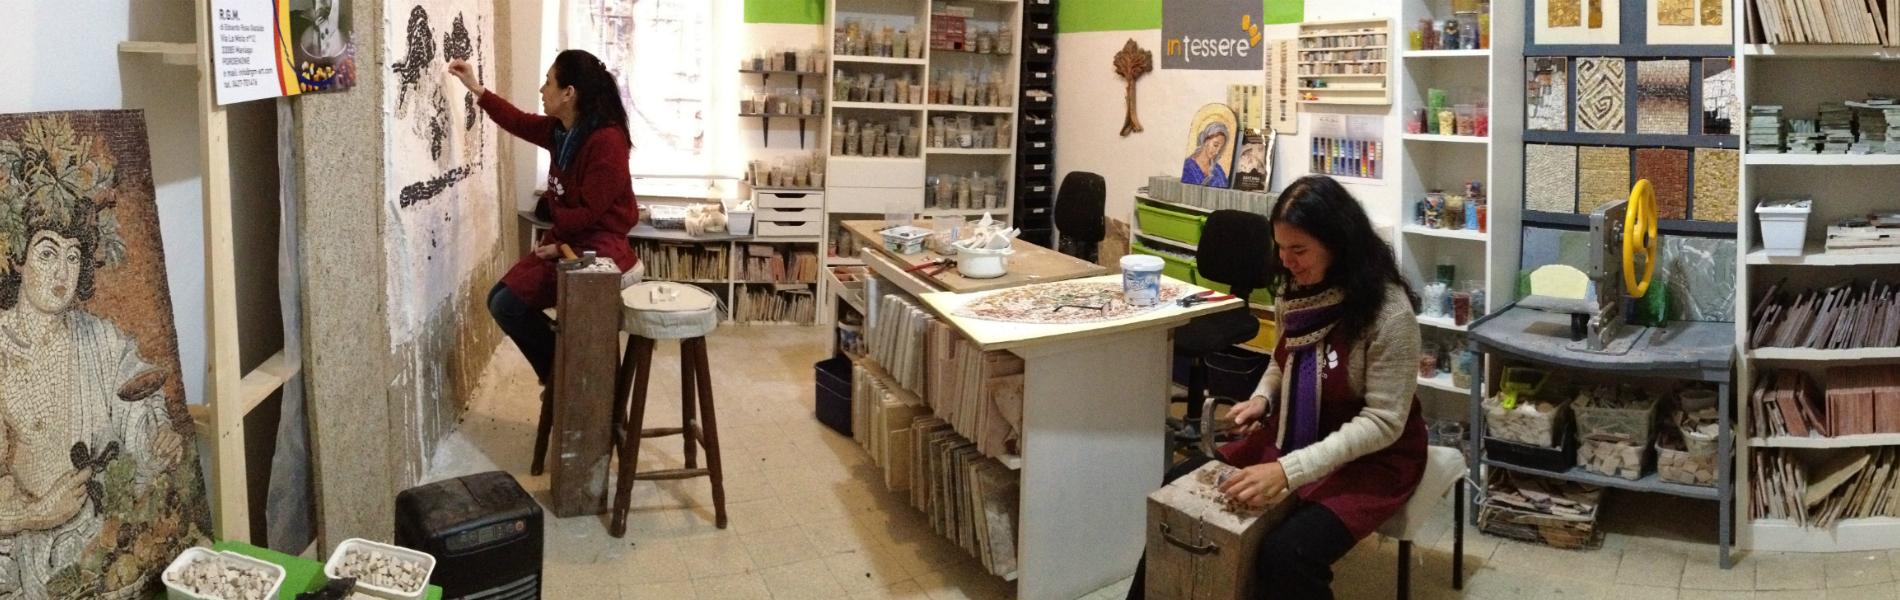 scuola per mosaicisti in tessere